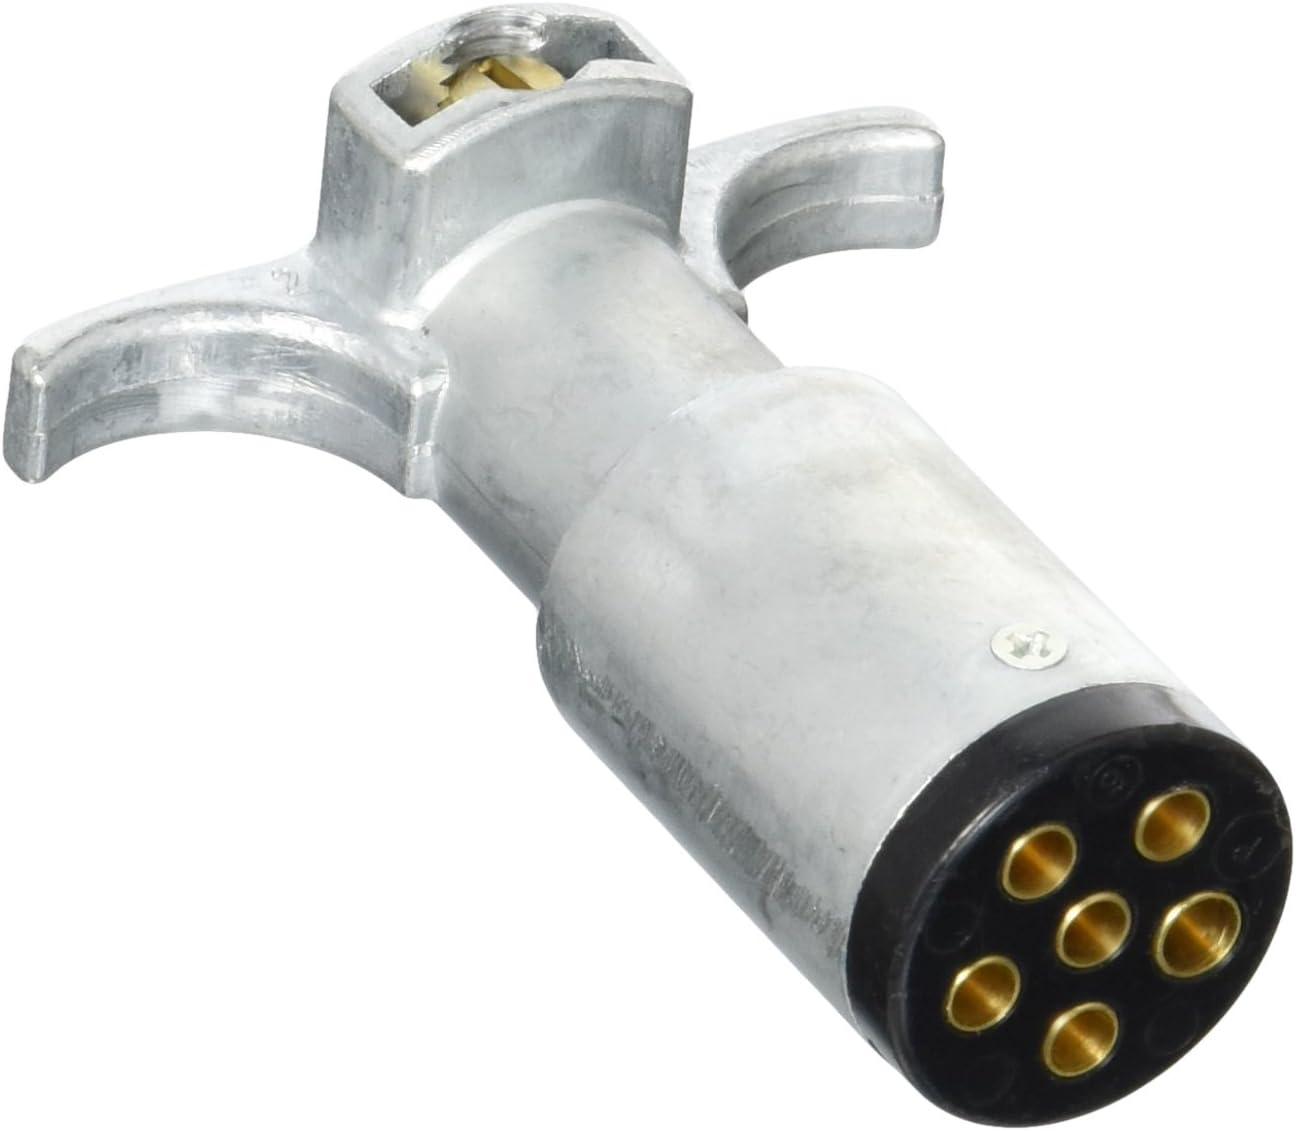 POLLAK 11-604EP Metal 6-Way Plug